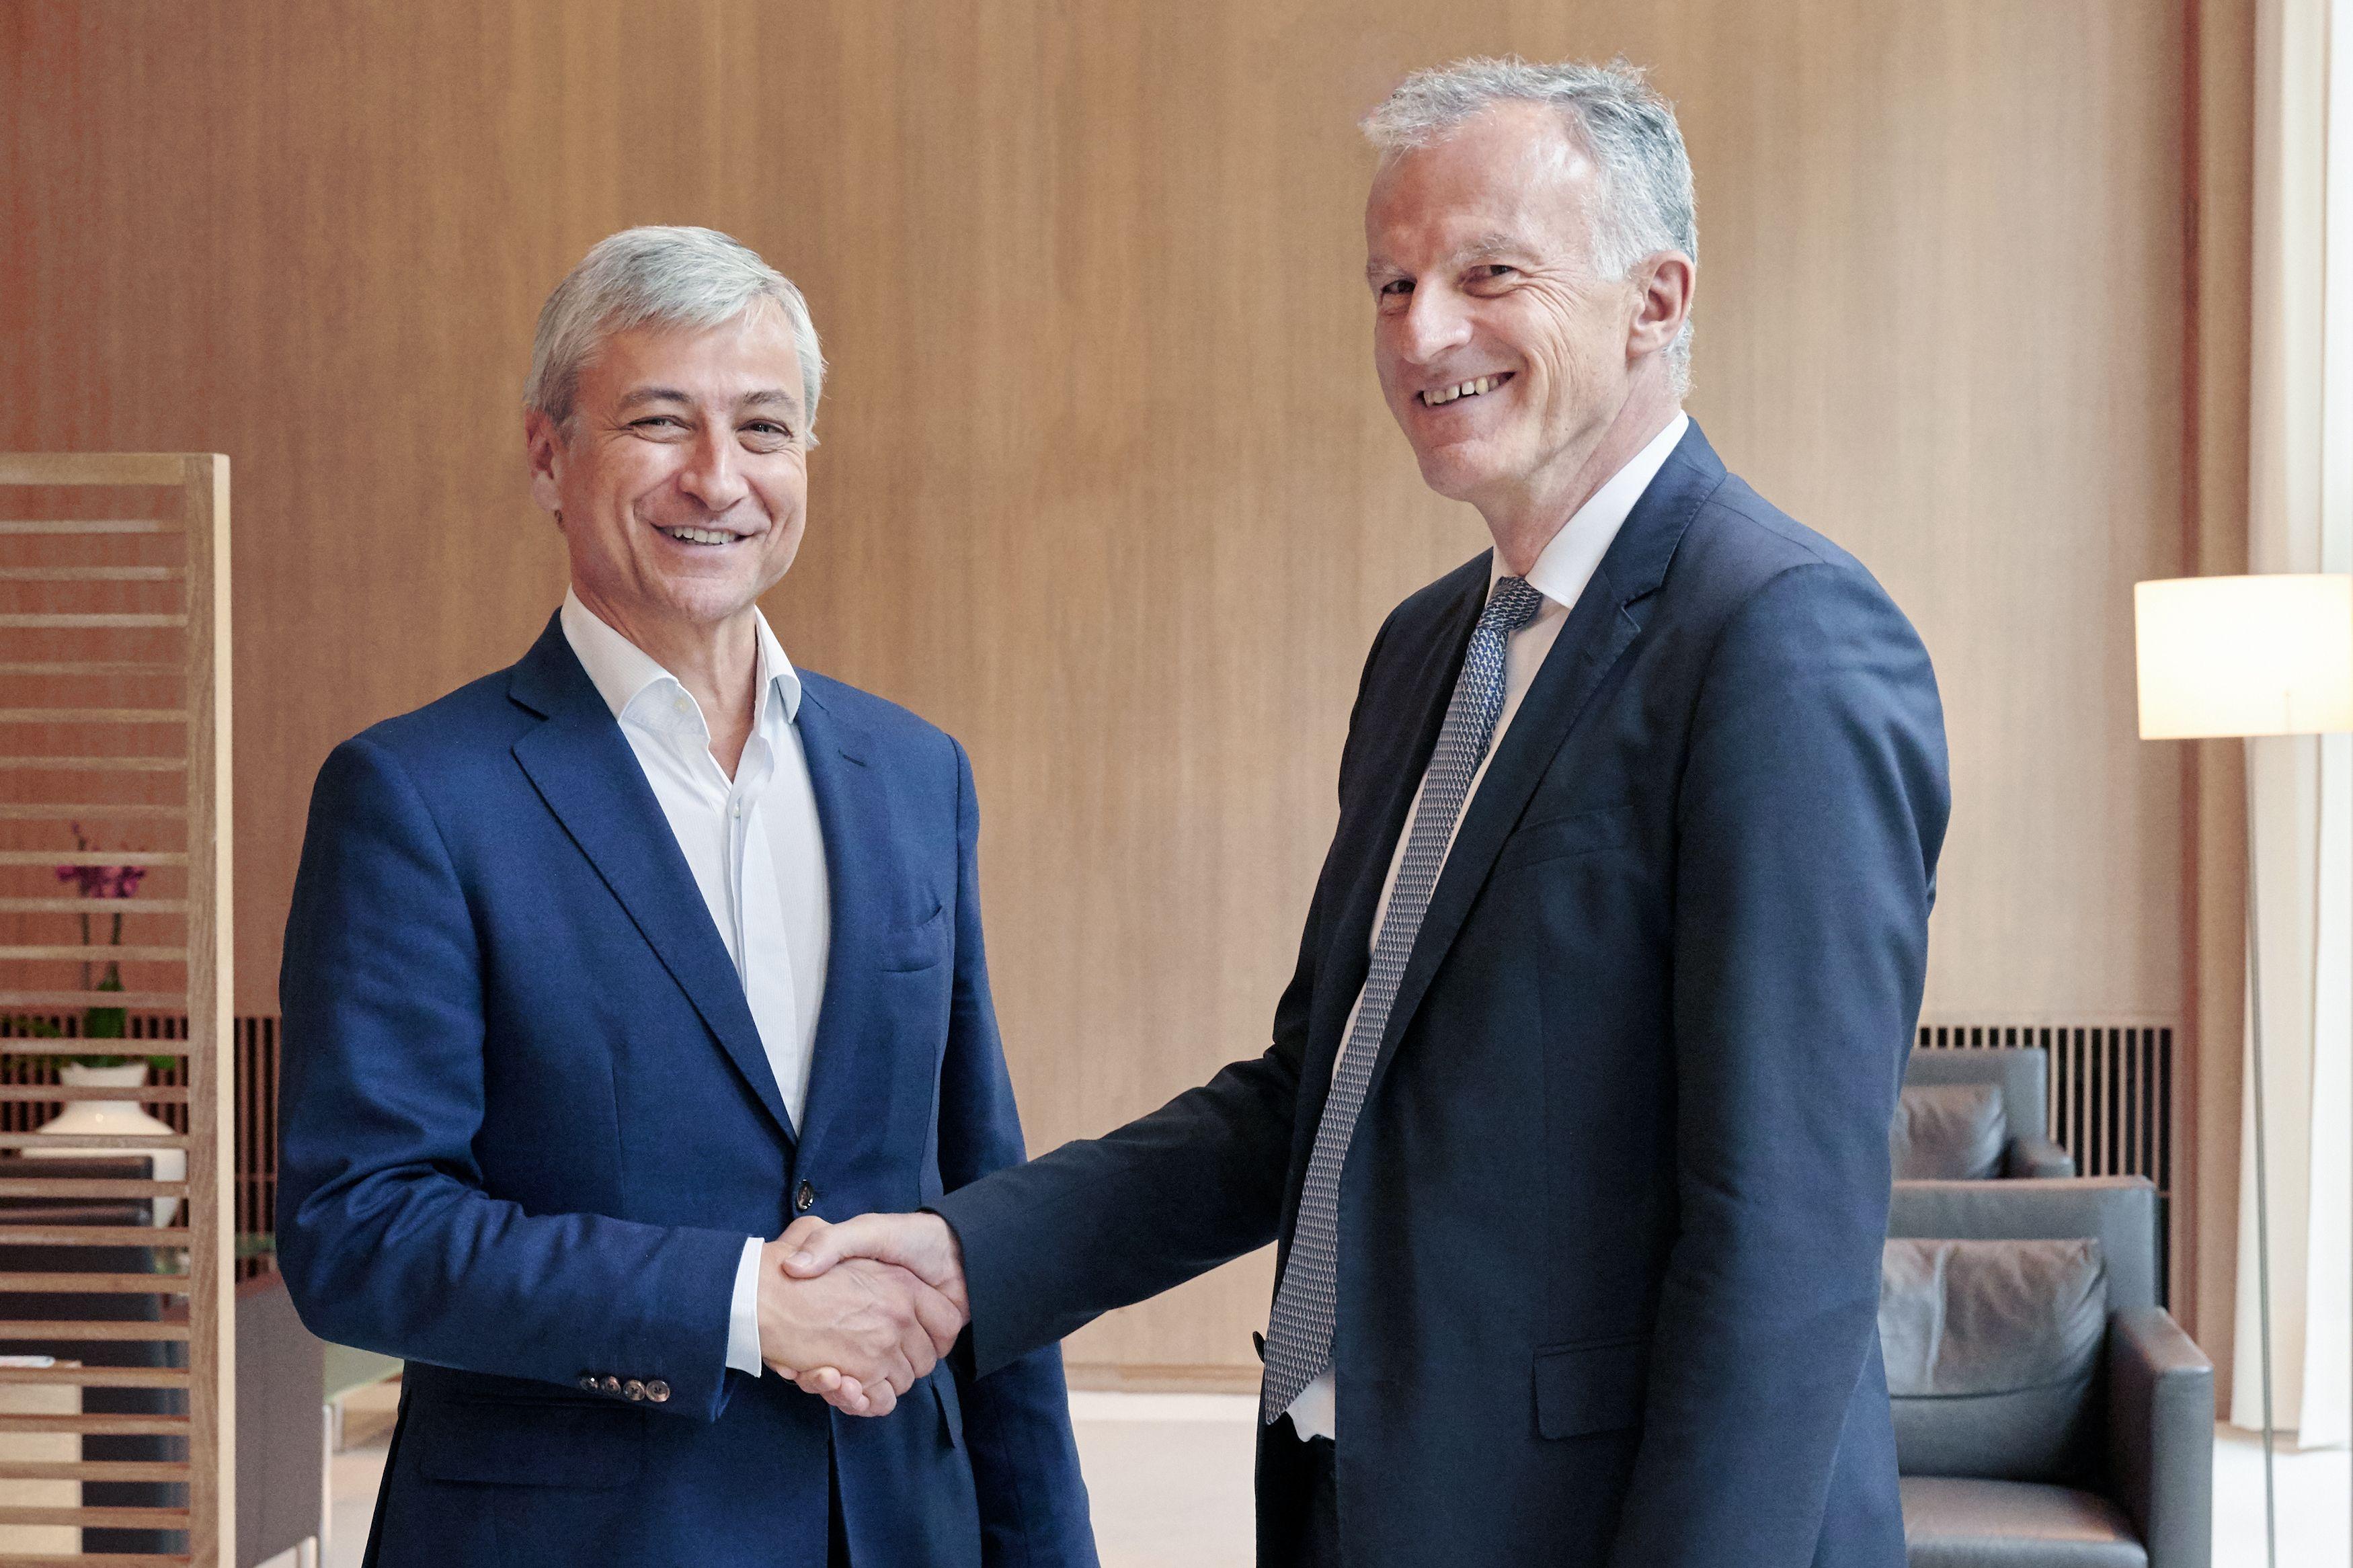 Microsoft and Allianz